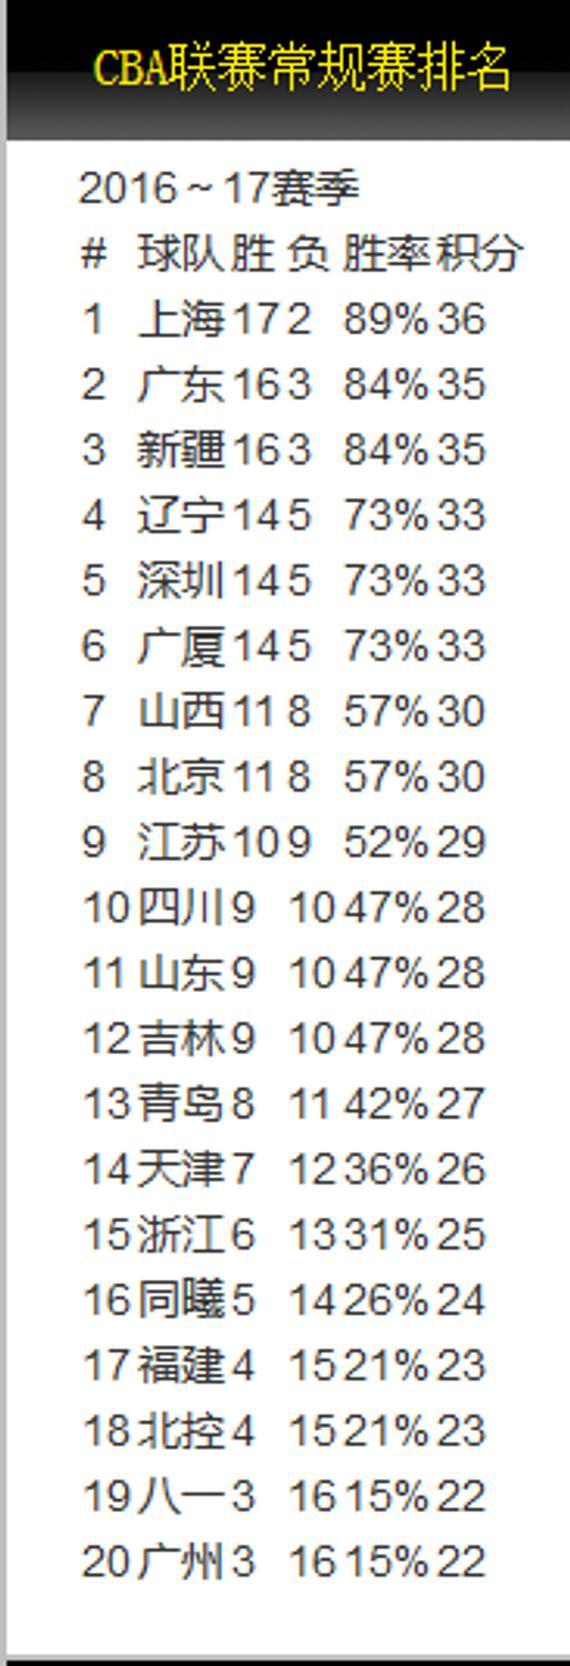 第19轮排行:上海仍压疆粤领跑(图片来自篮协官网)